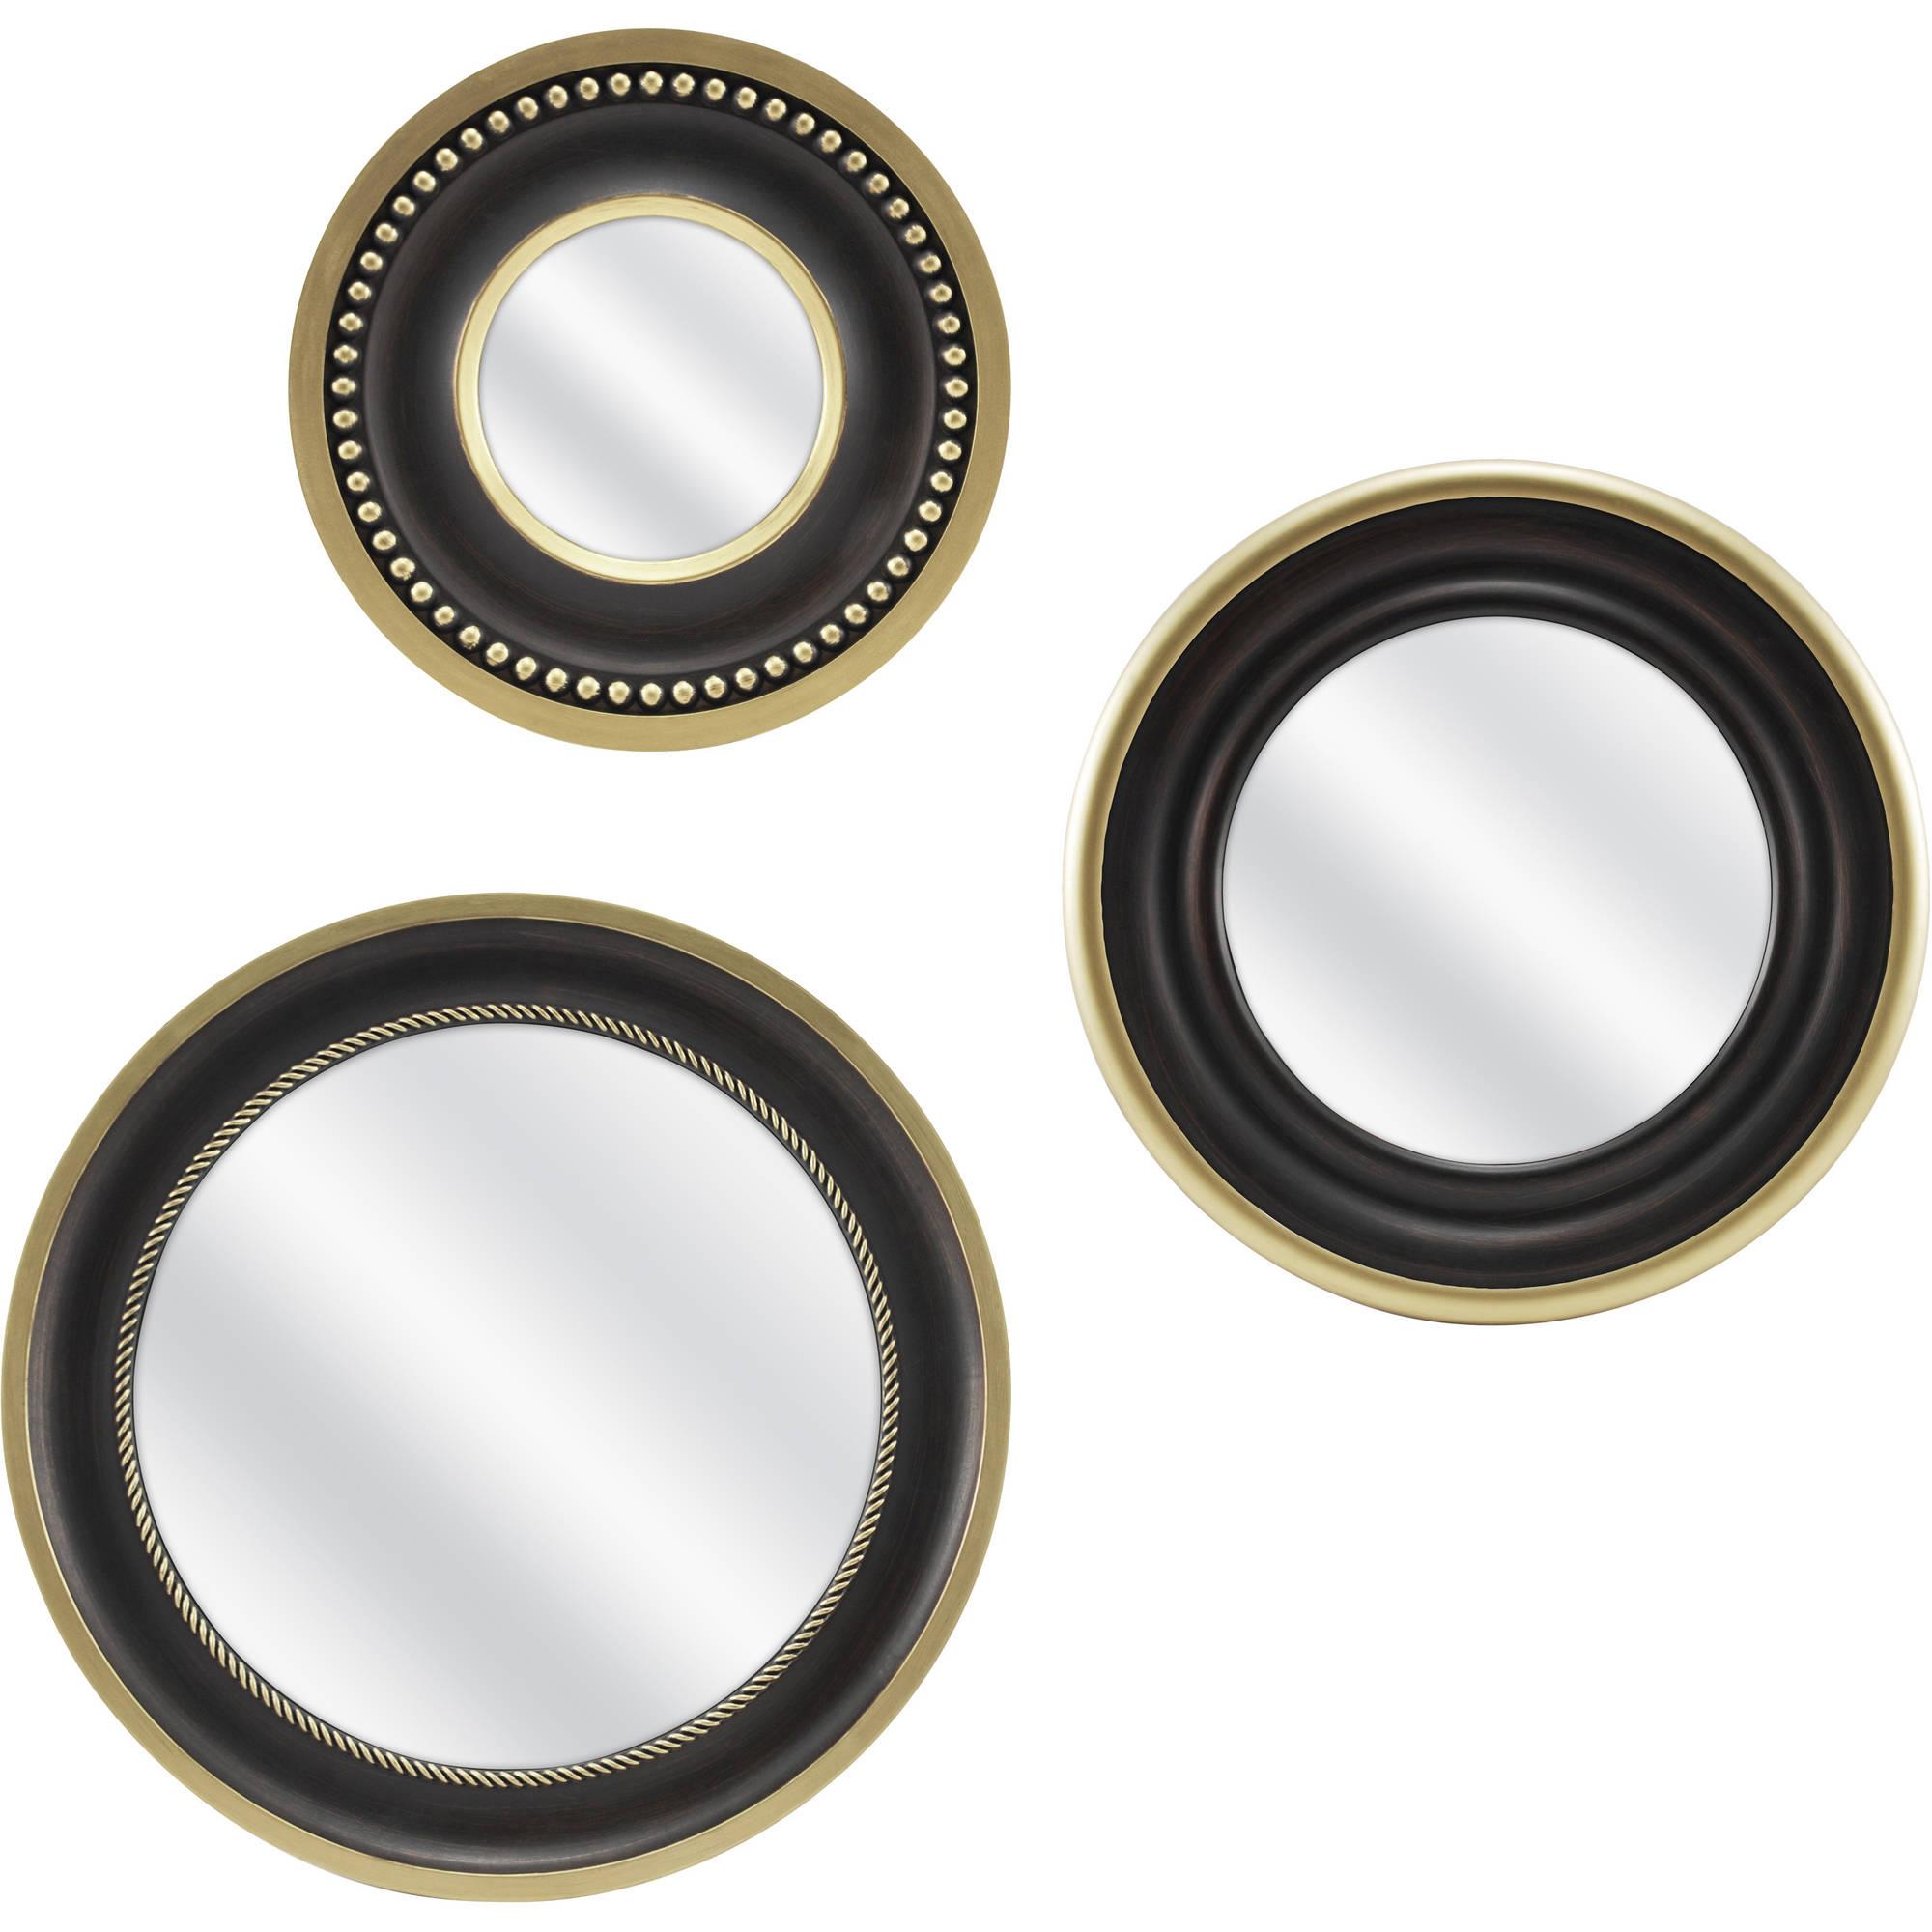 Mainstays 3-Piece Round Mirror Set, Bronze by